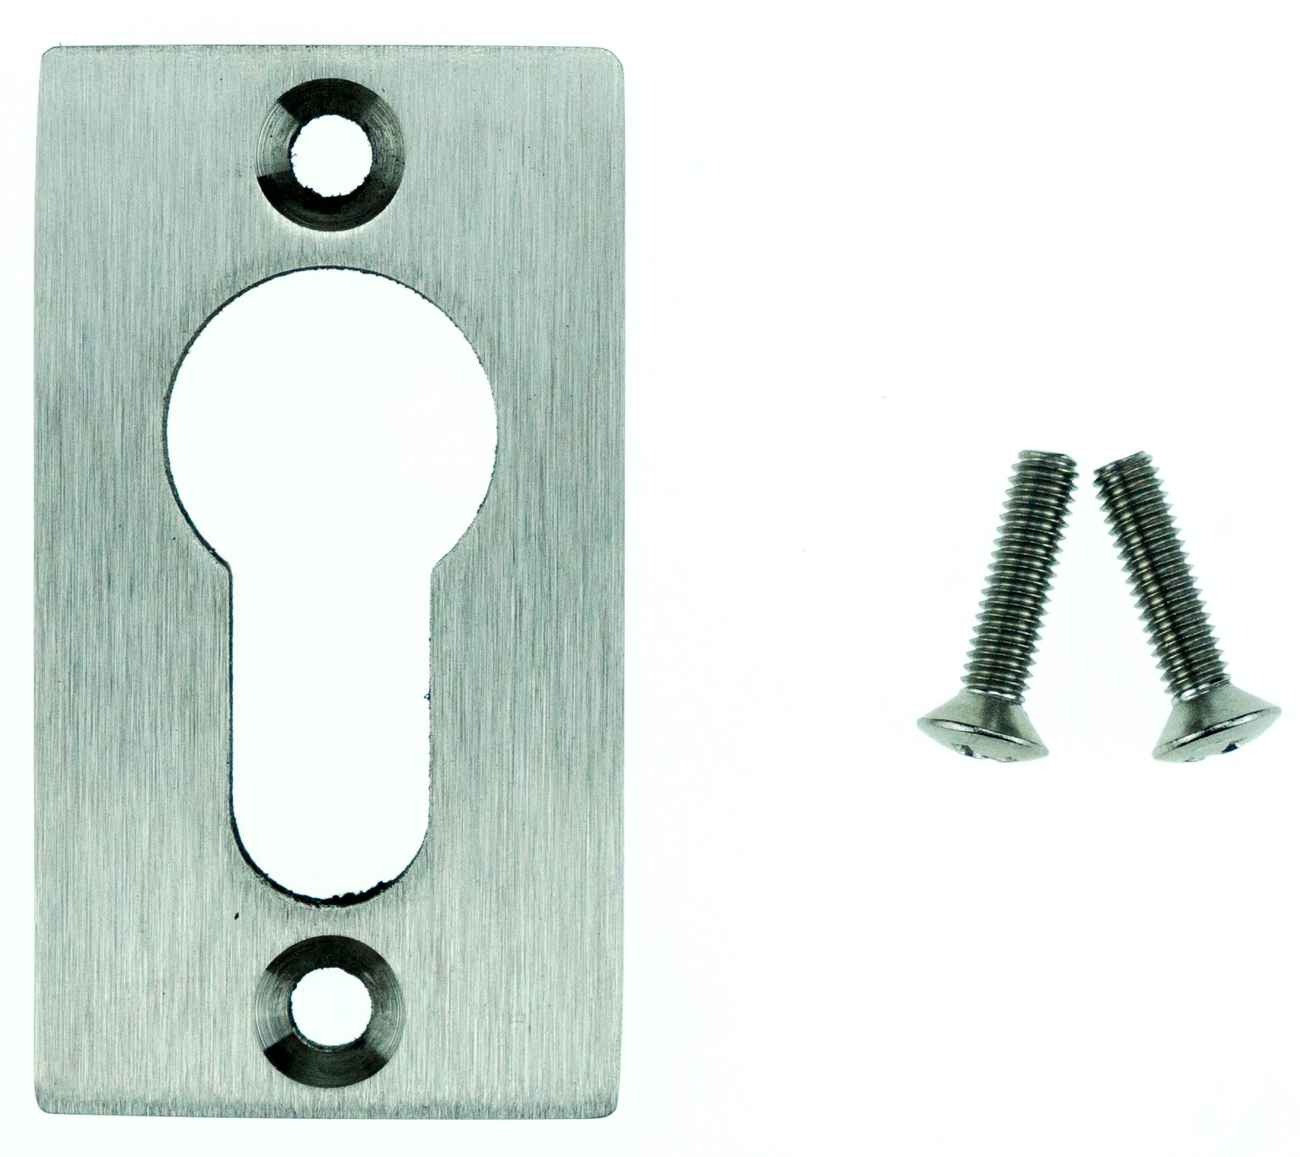 Profilzylinder-Rosette Eckig Edelstahl Bohrabstand 45mm – Bild 1